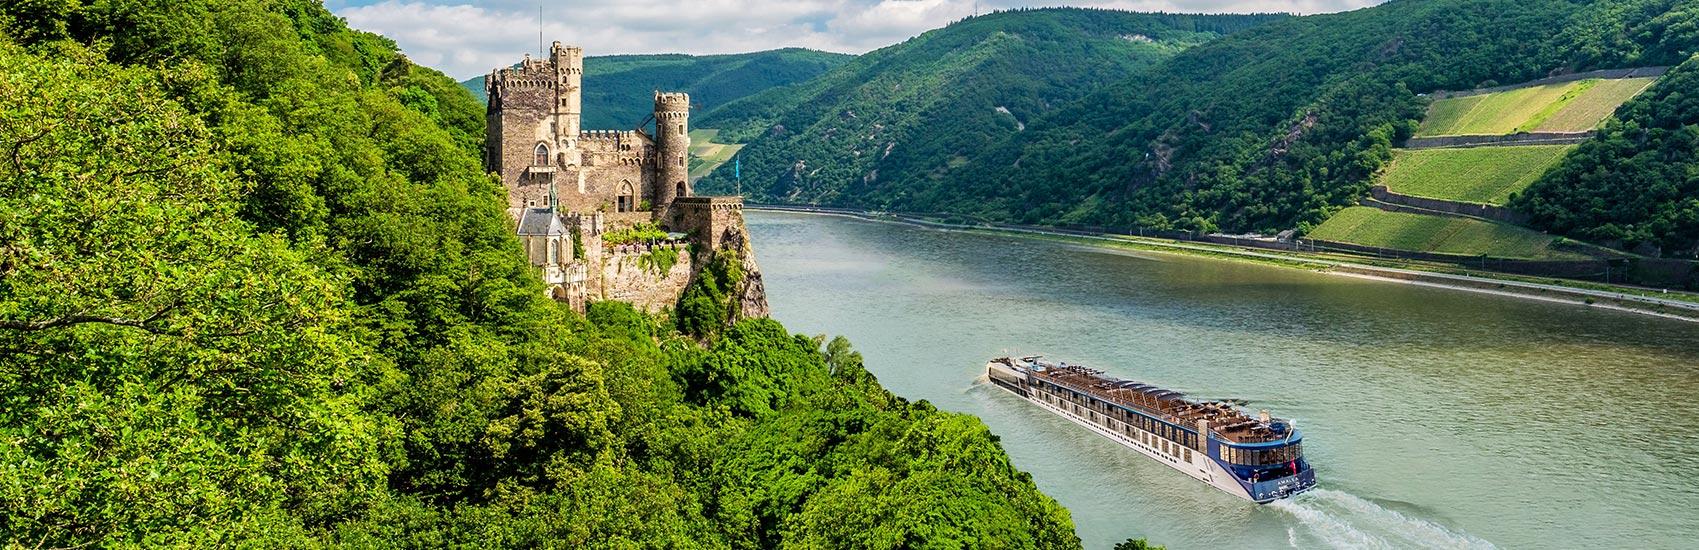 Des réductions exceptionnelles : 2 pour 1 sur certaines croisières fluviales européennes 2